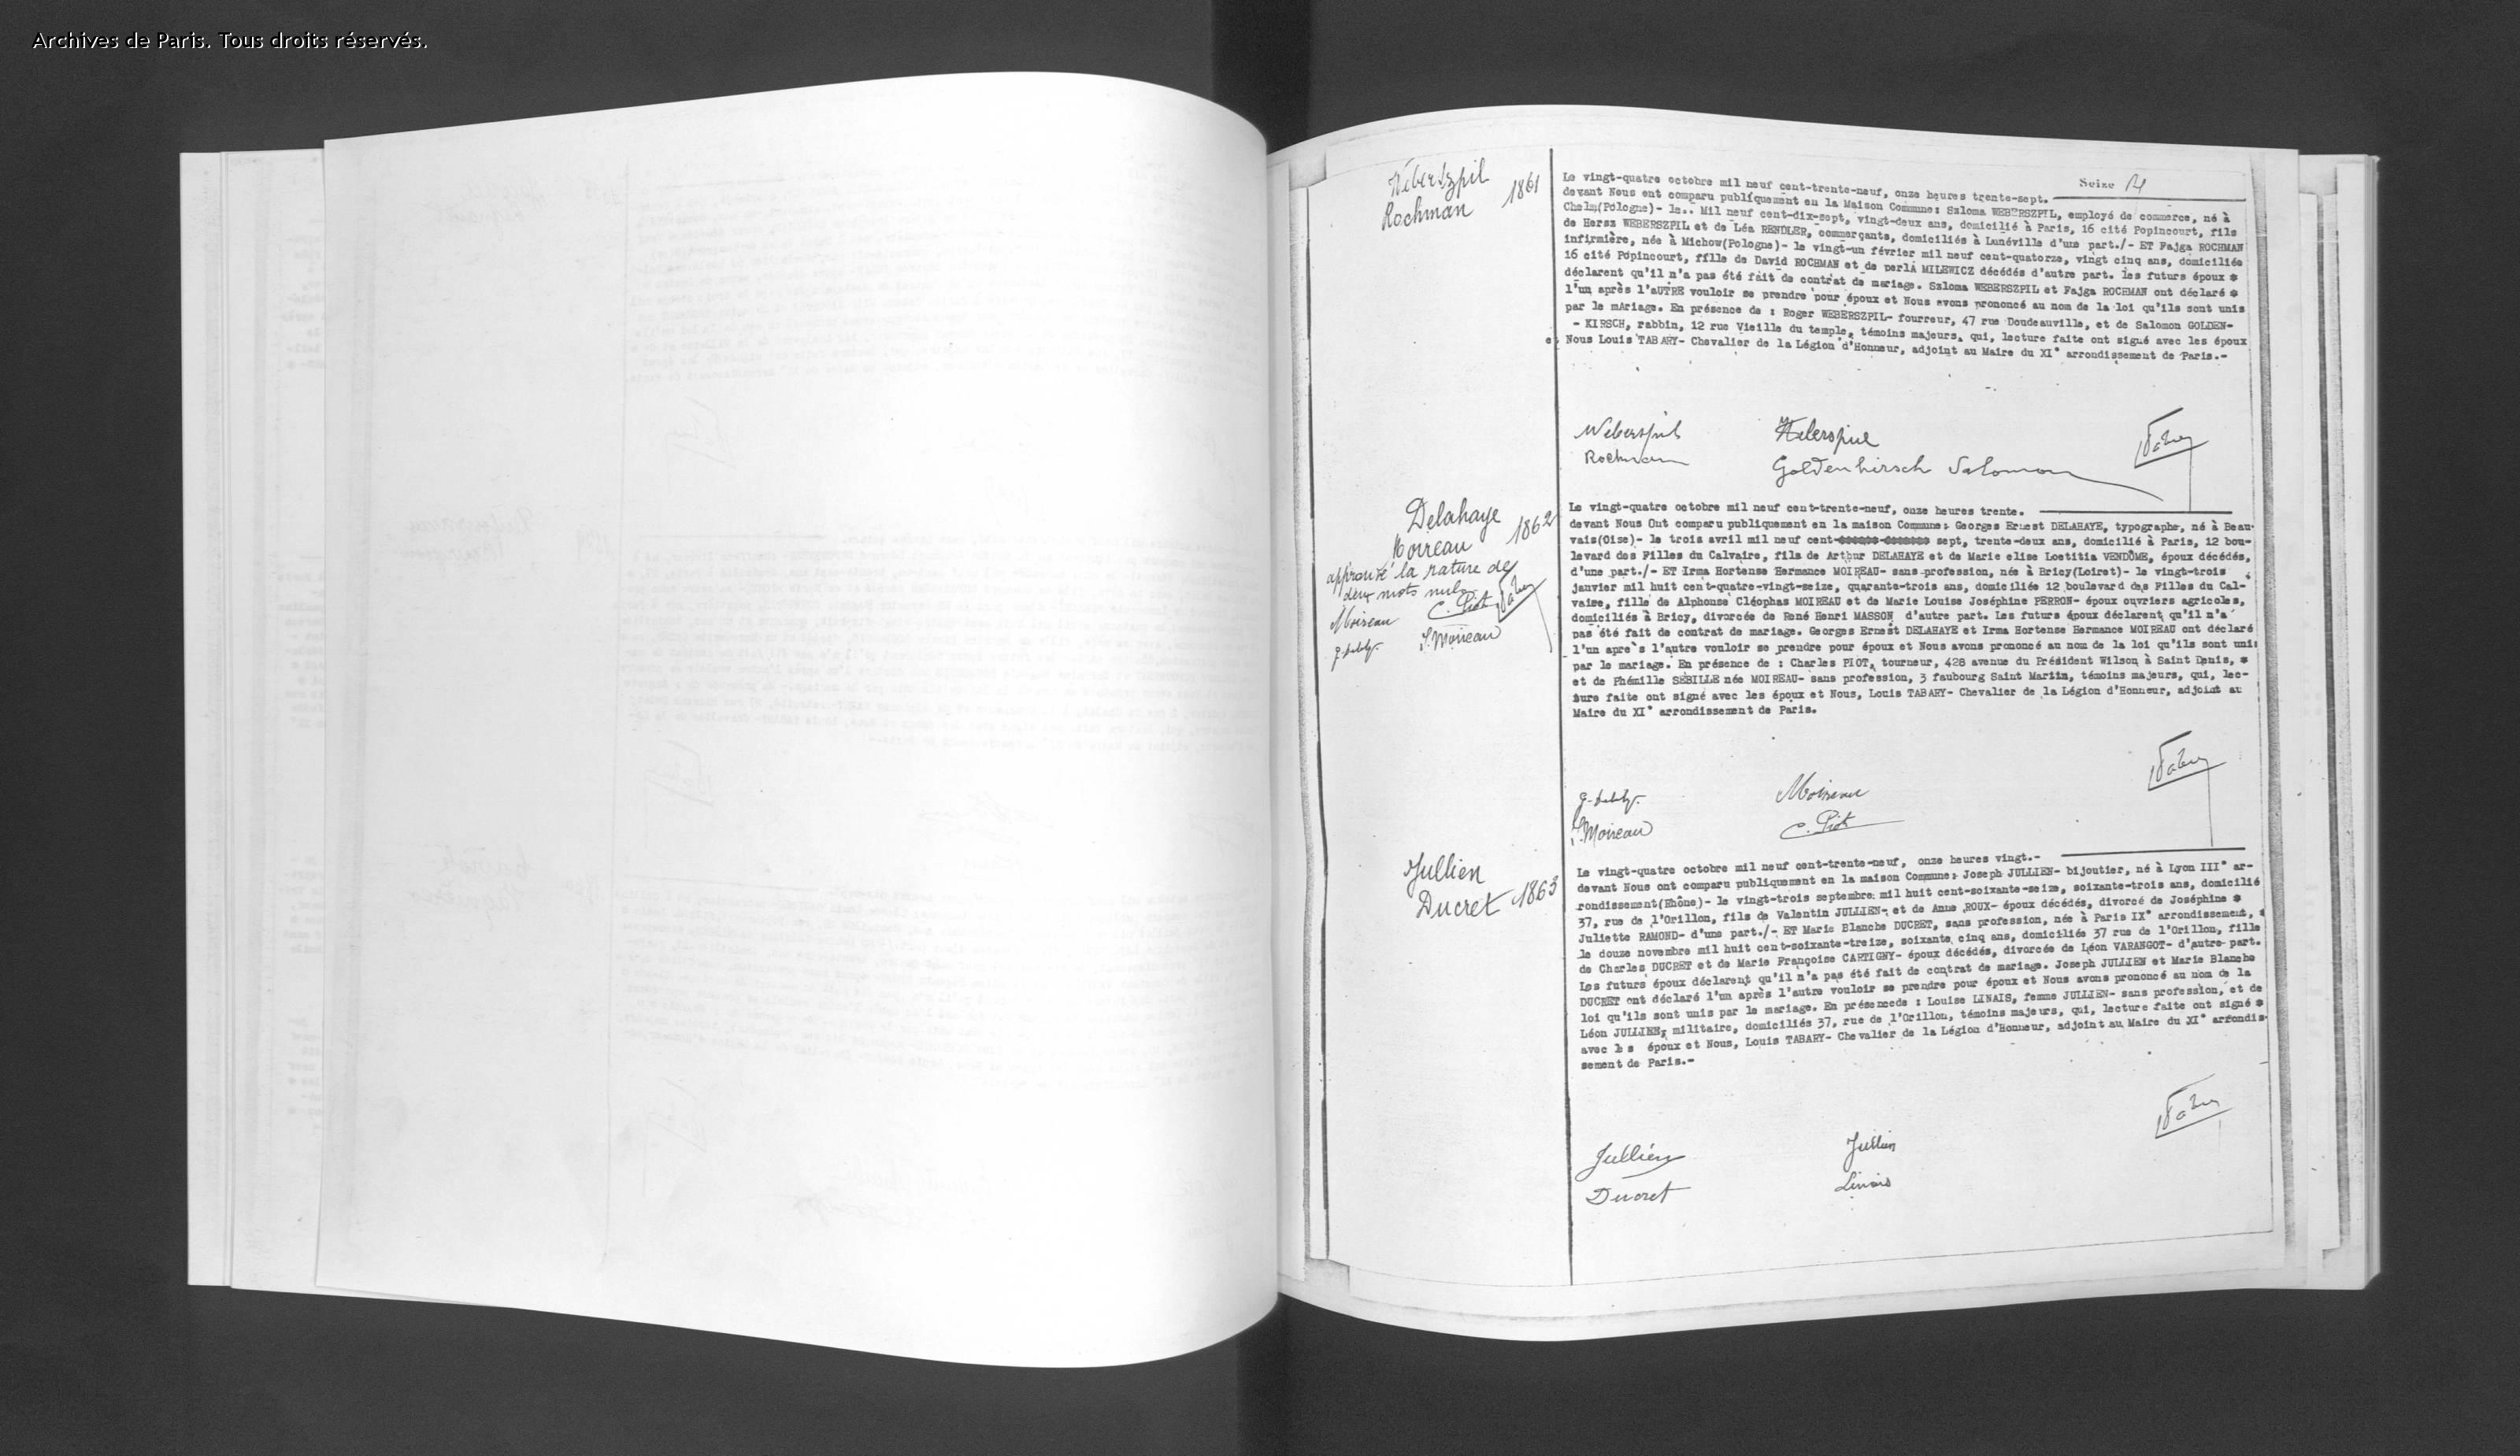 Acte mariage WEBERSPIEL/ROCHMAN [Archives de Paris, Etat civil, 11M581, en ligne]